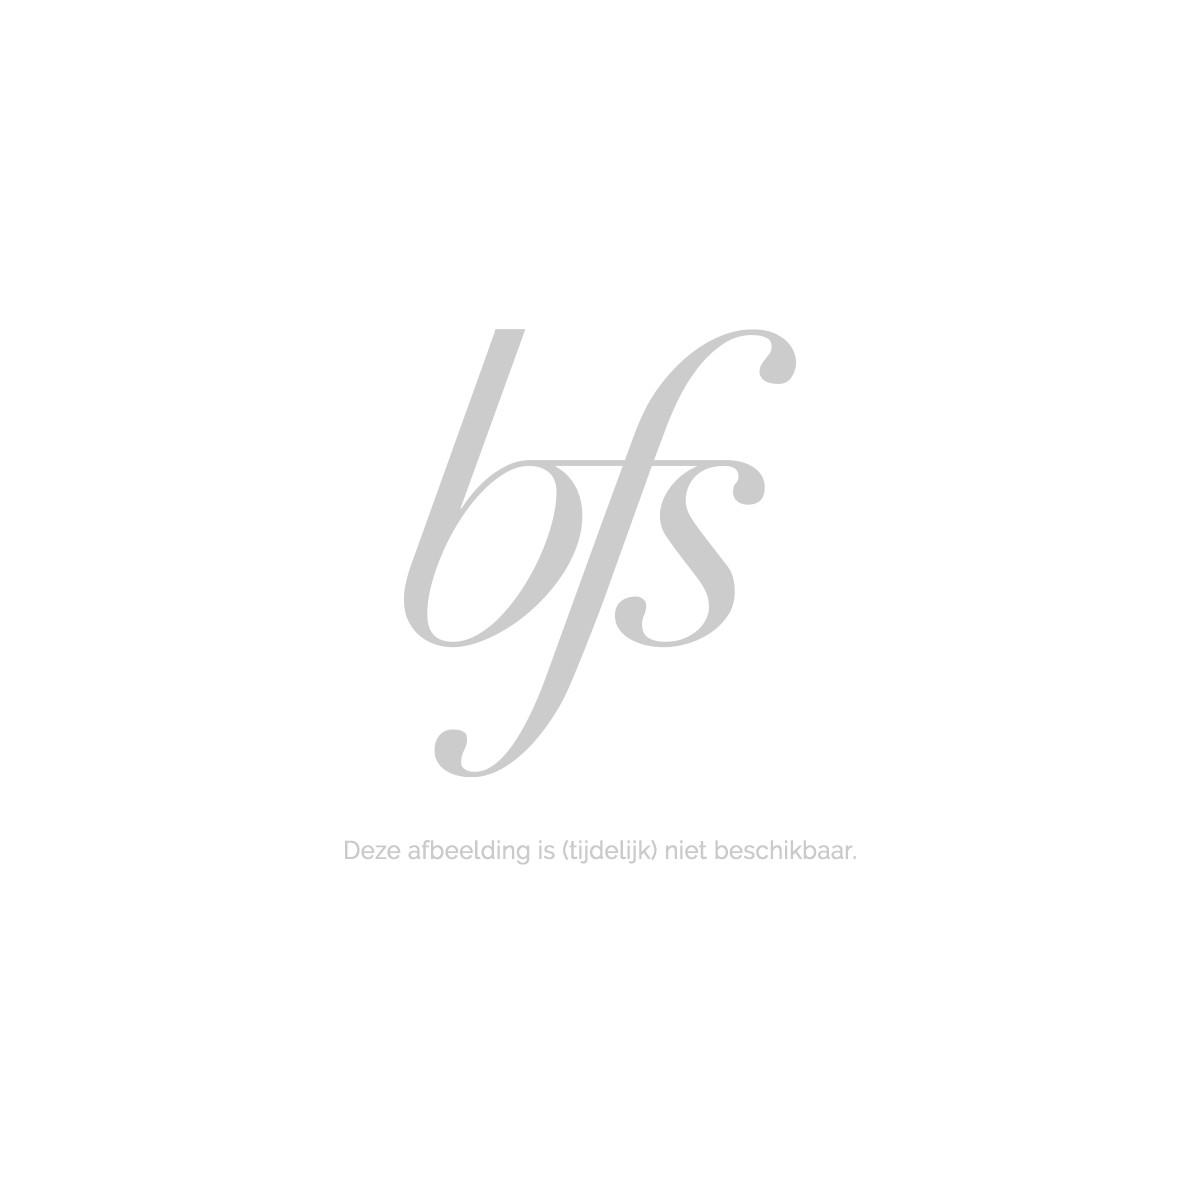 Trussardi Donna White Eau de Parfum 100 ml